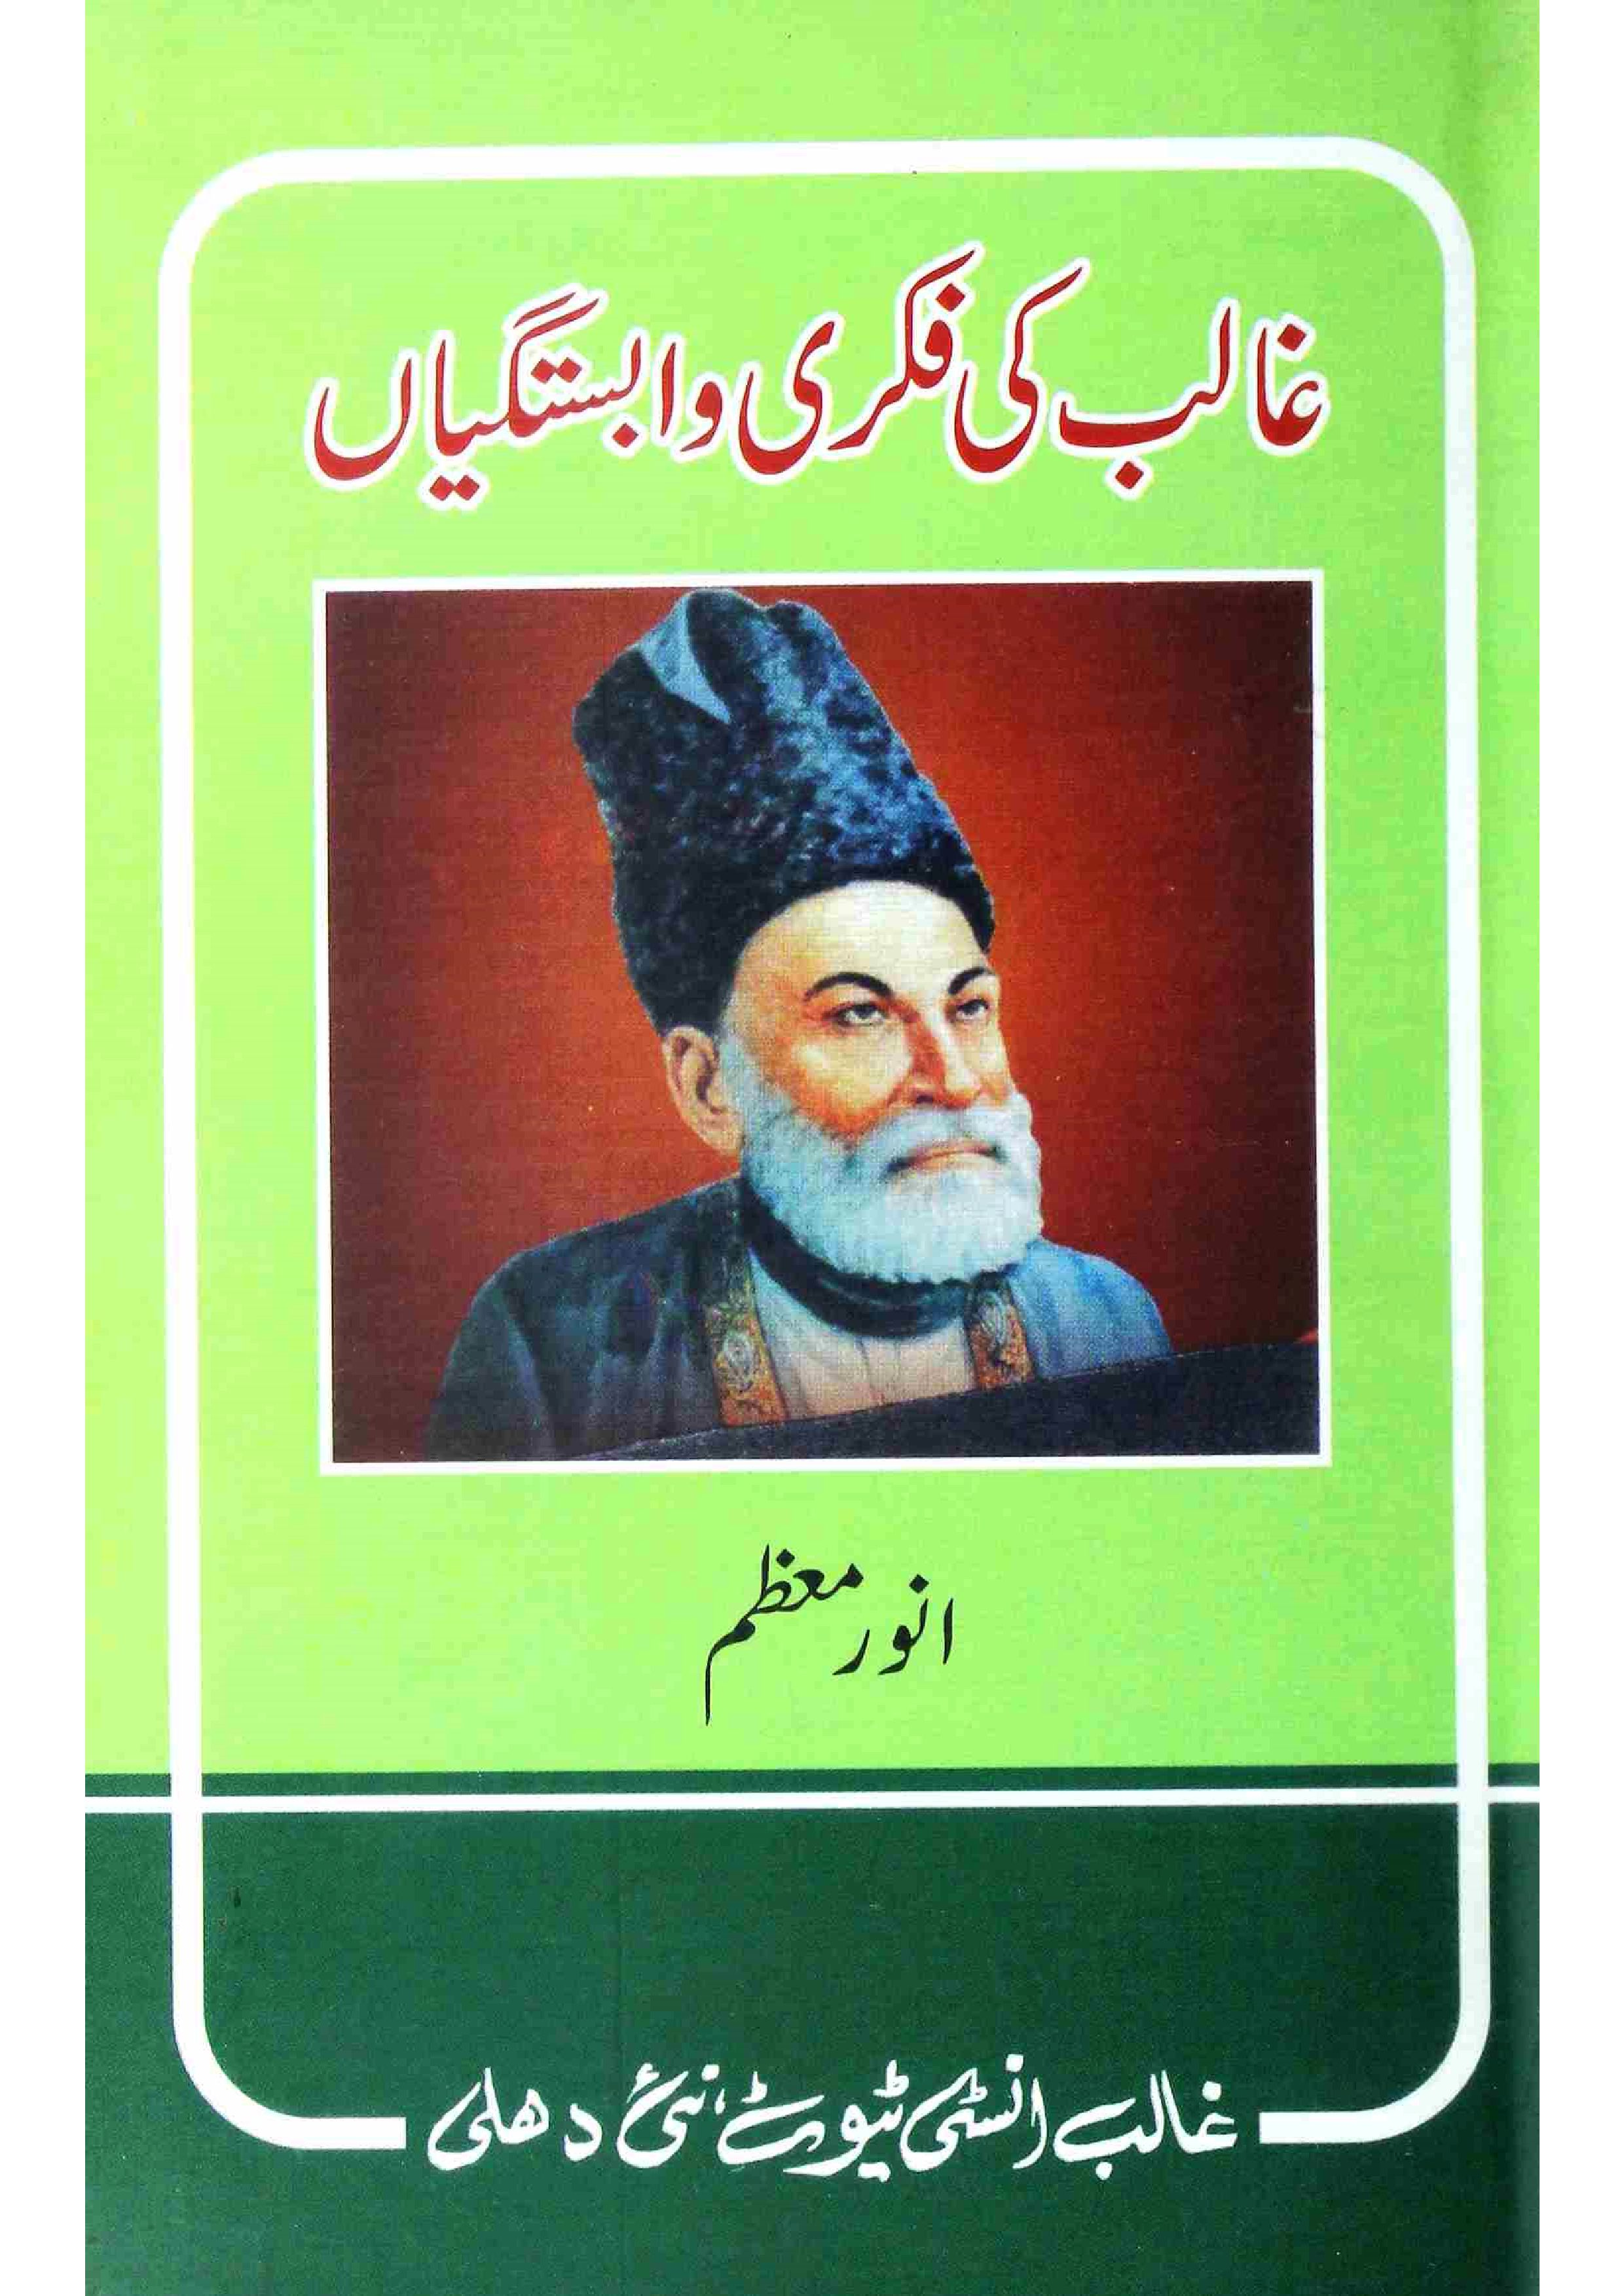 Ghalib Ki Fikri Wabastagiyan